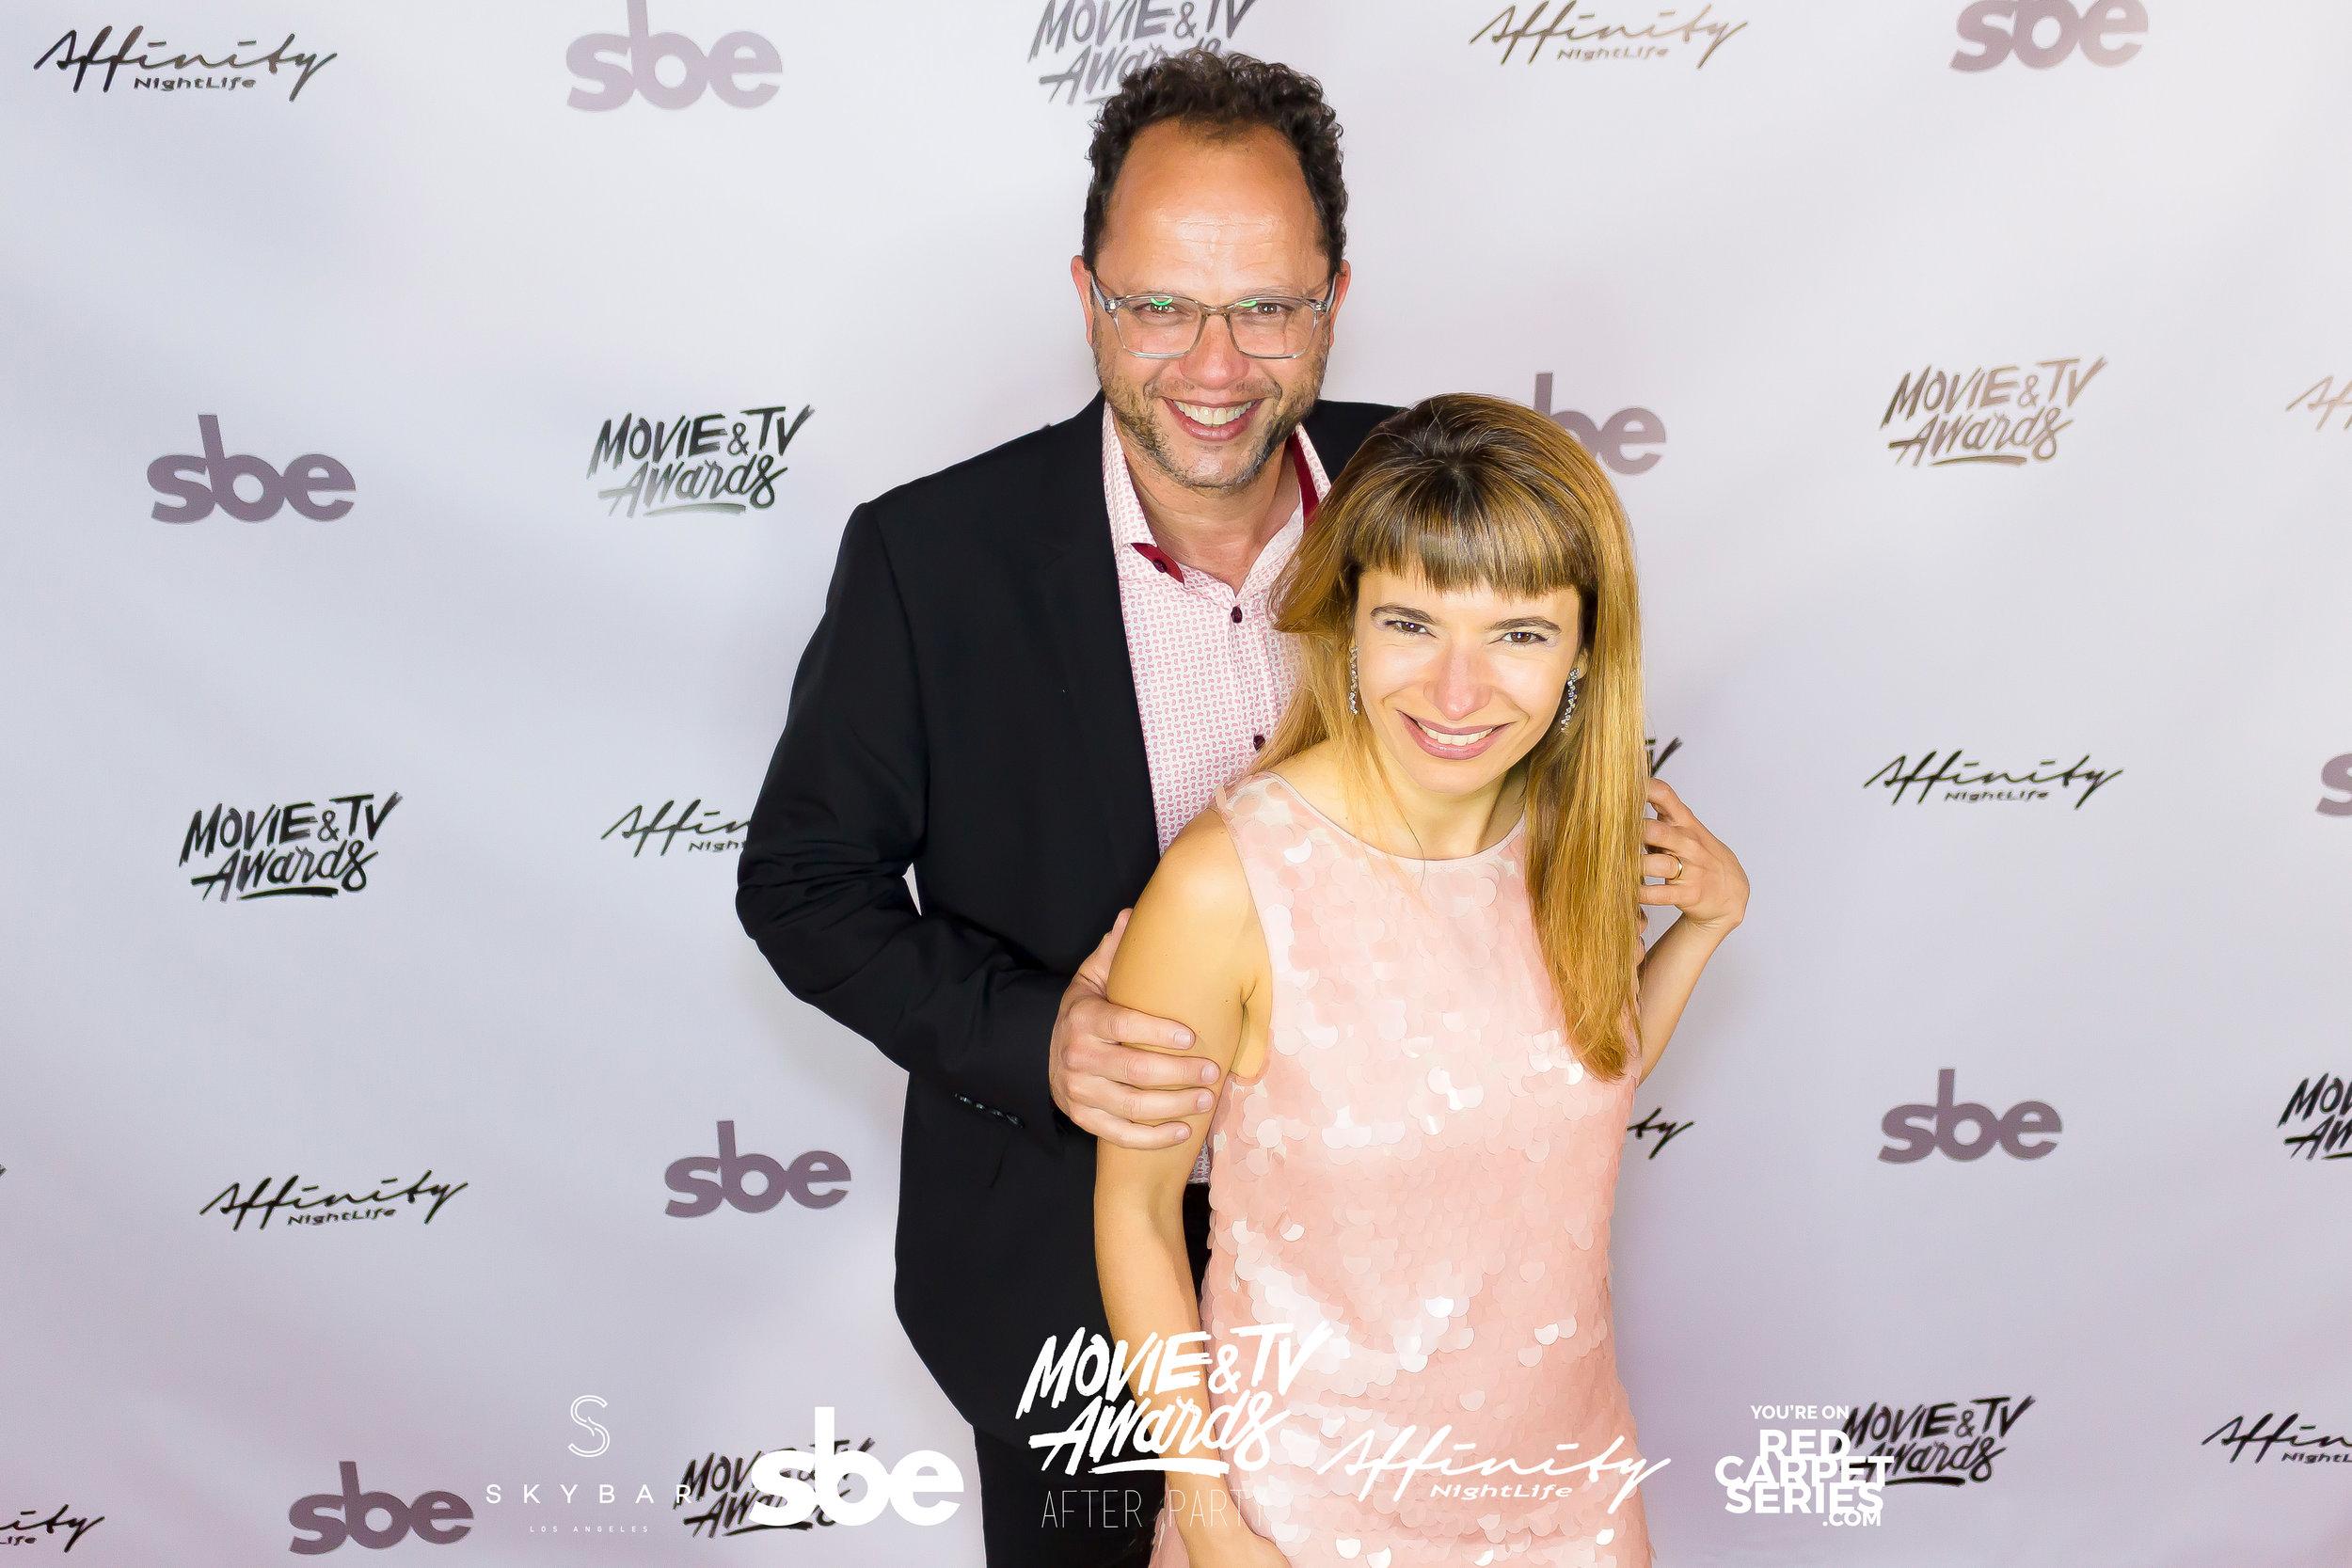 Affinity Nightlife MTV Movie & TV Awards After Party - Skybar at Mondrian - 06-15-19 - Vol. 2_80.jpg